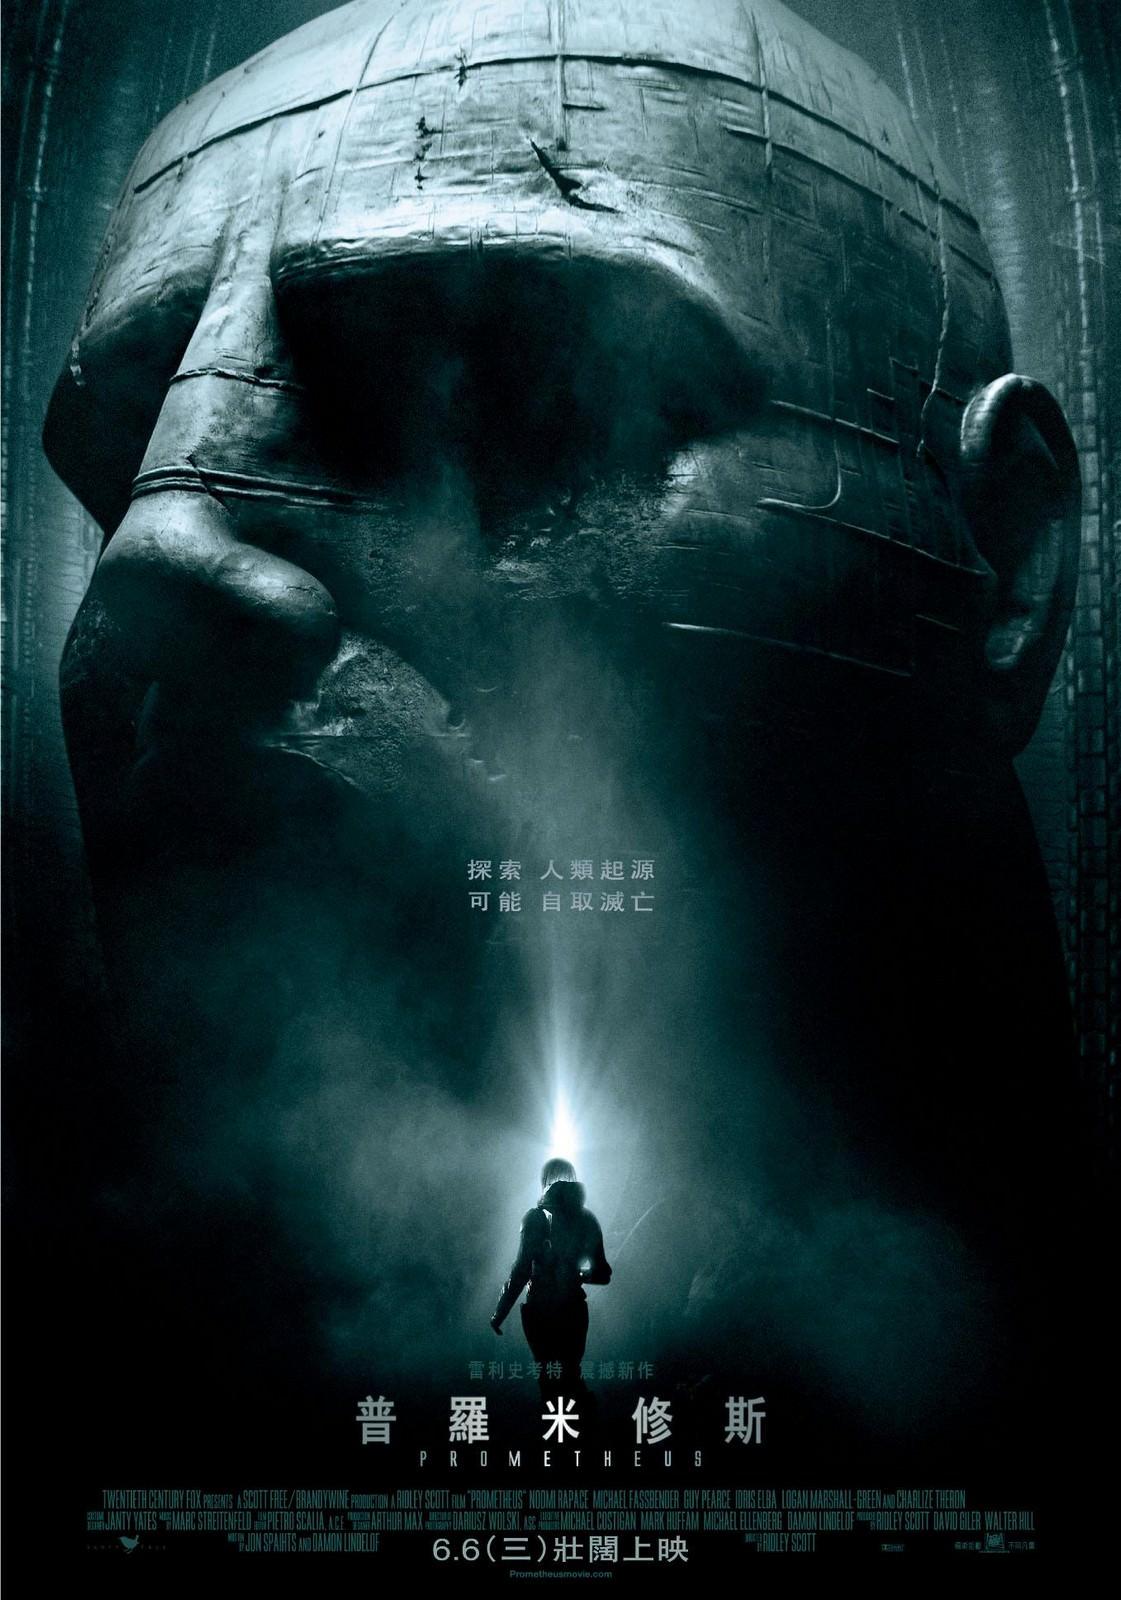 Movie, Prometheus(美國, 2012年) / 普羅米修斯(台灣.香港) / 普罗米修斯(中國), 電影海報, 台灣